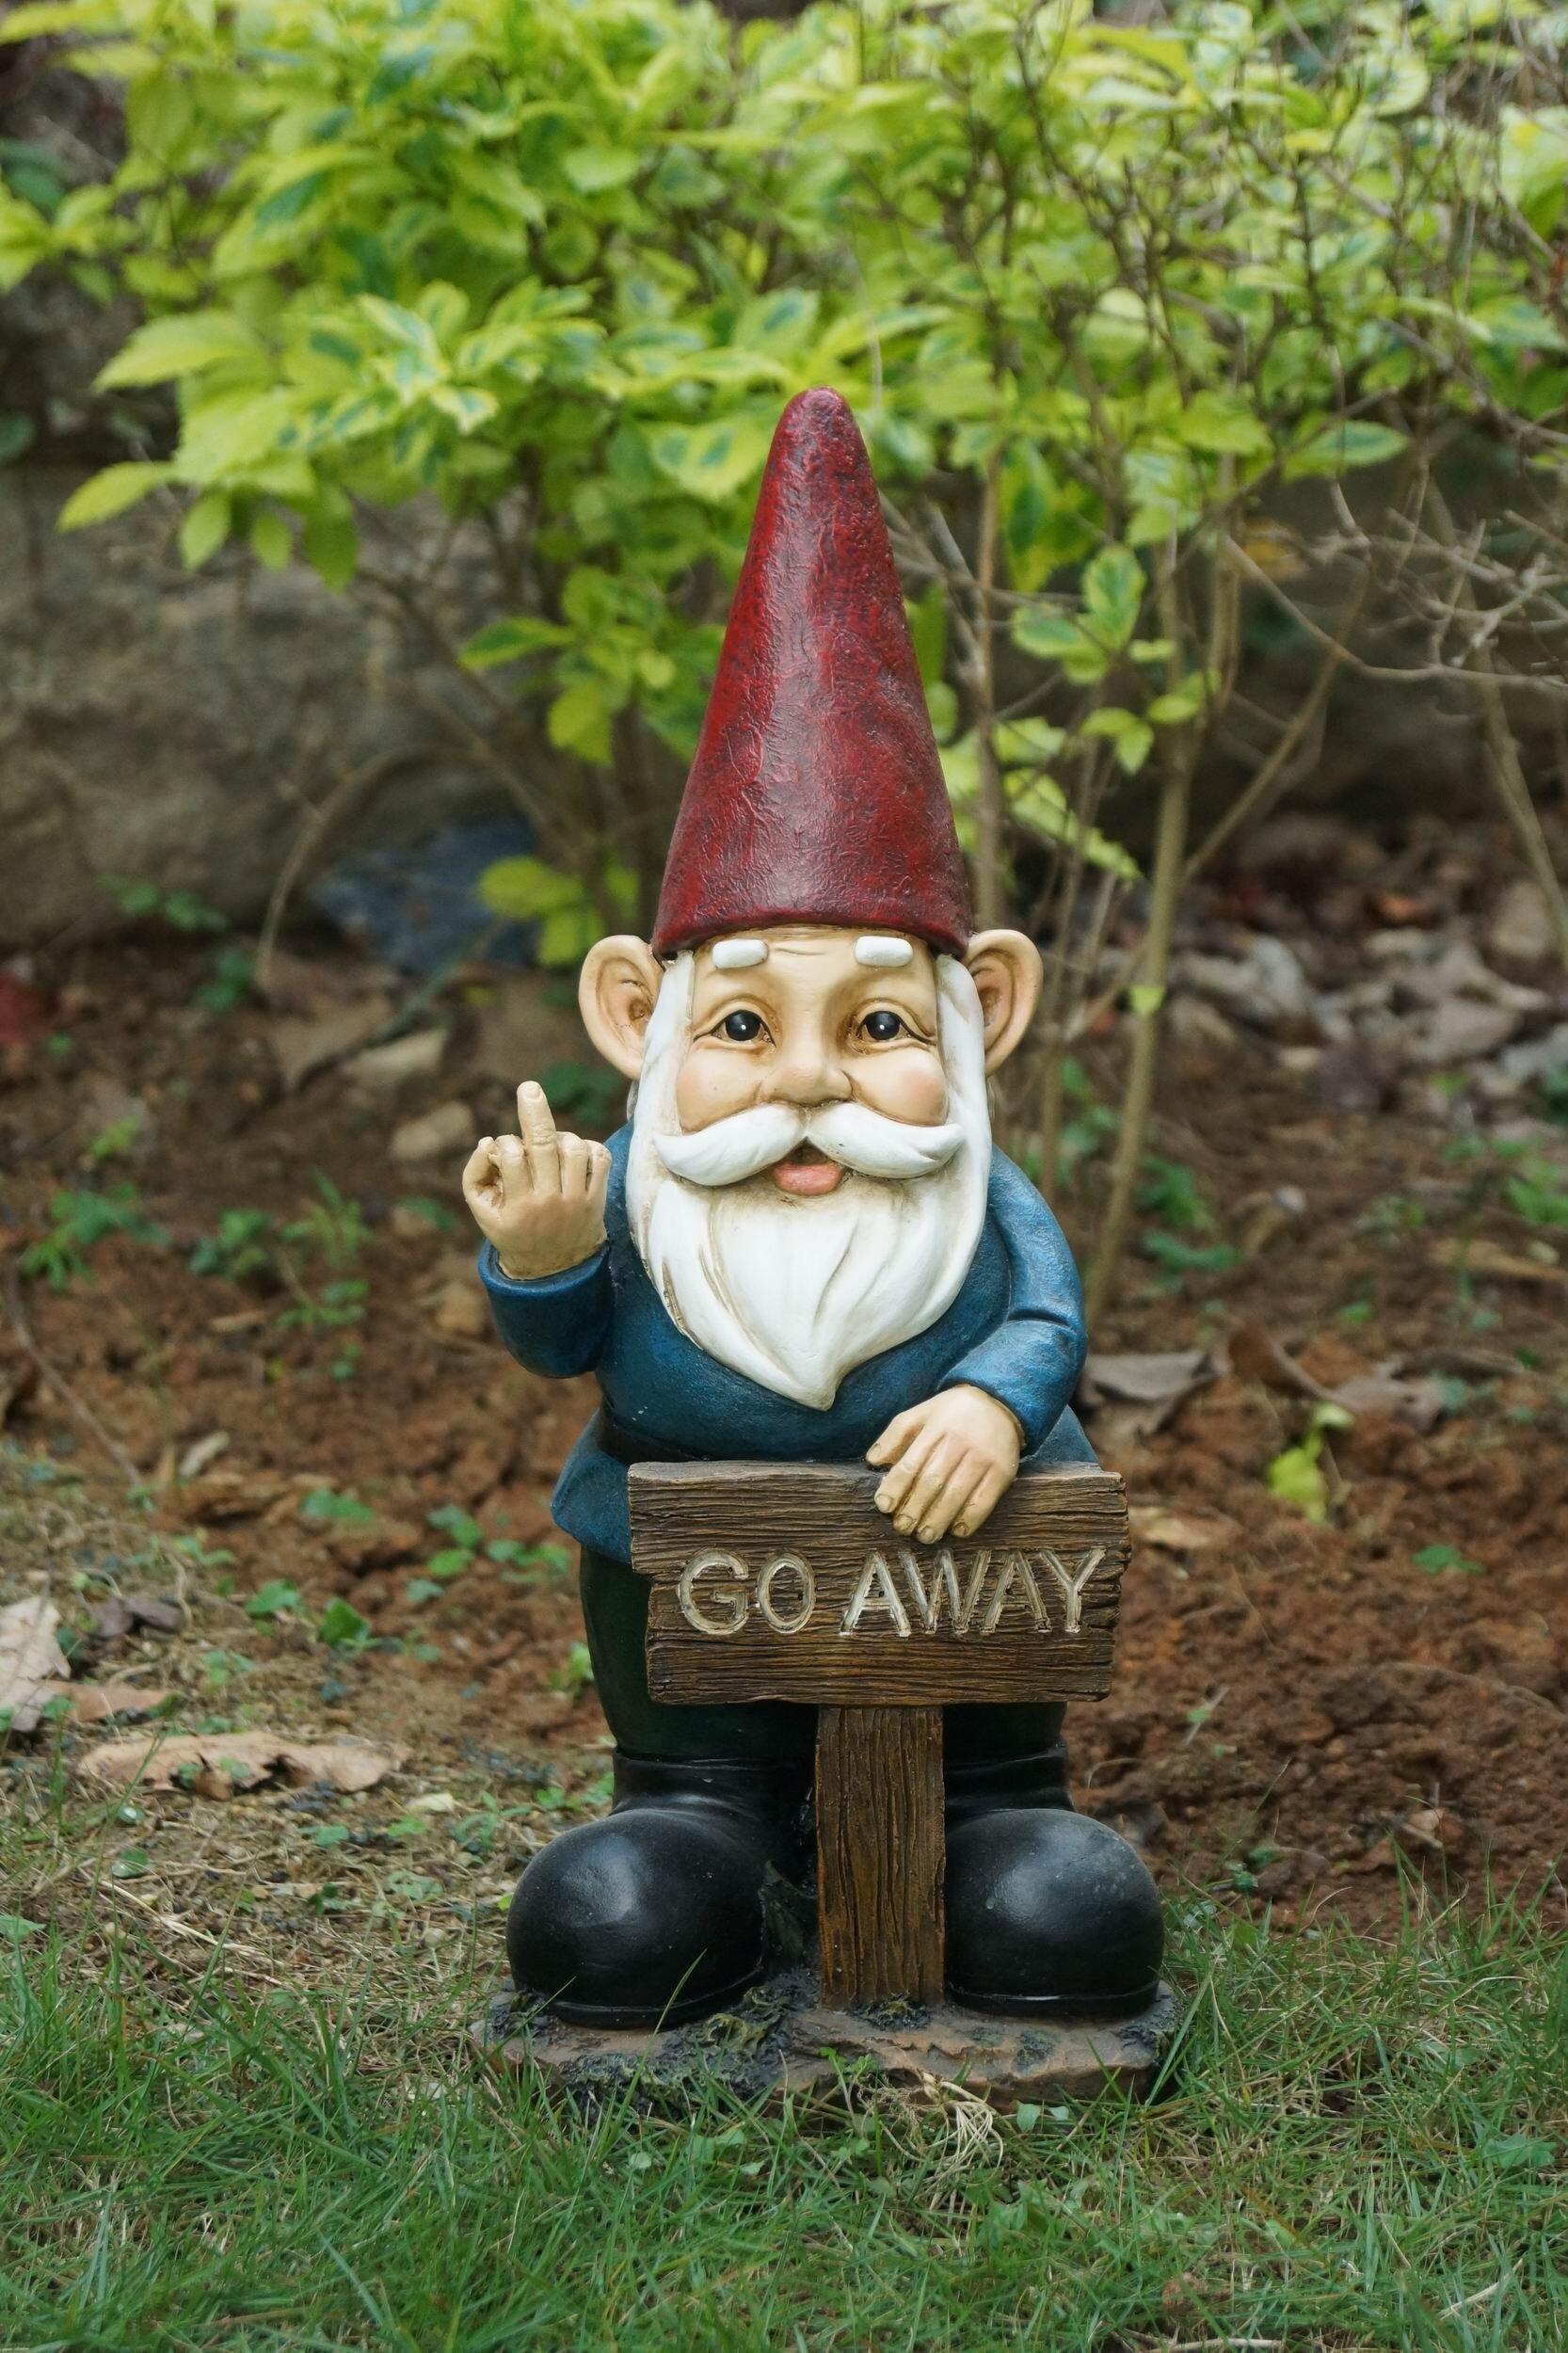 Hi Line Gift Ltd Gnome Holding Go